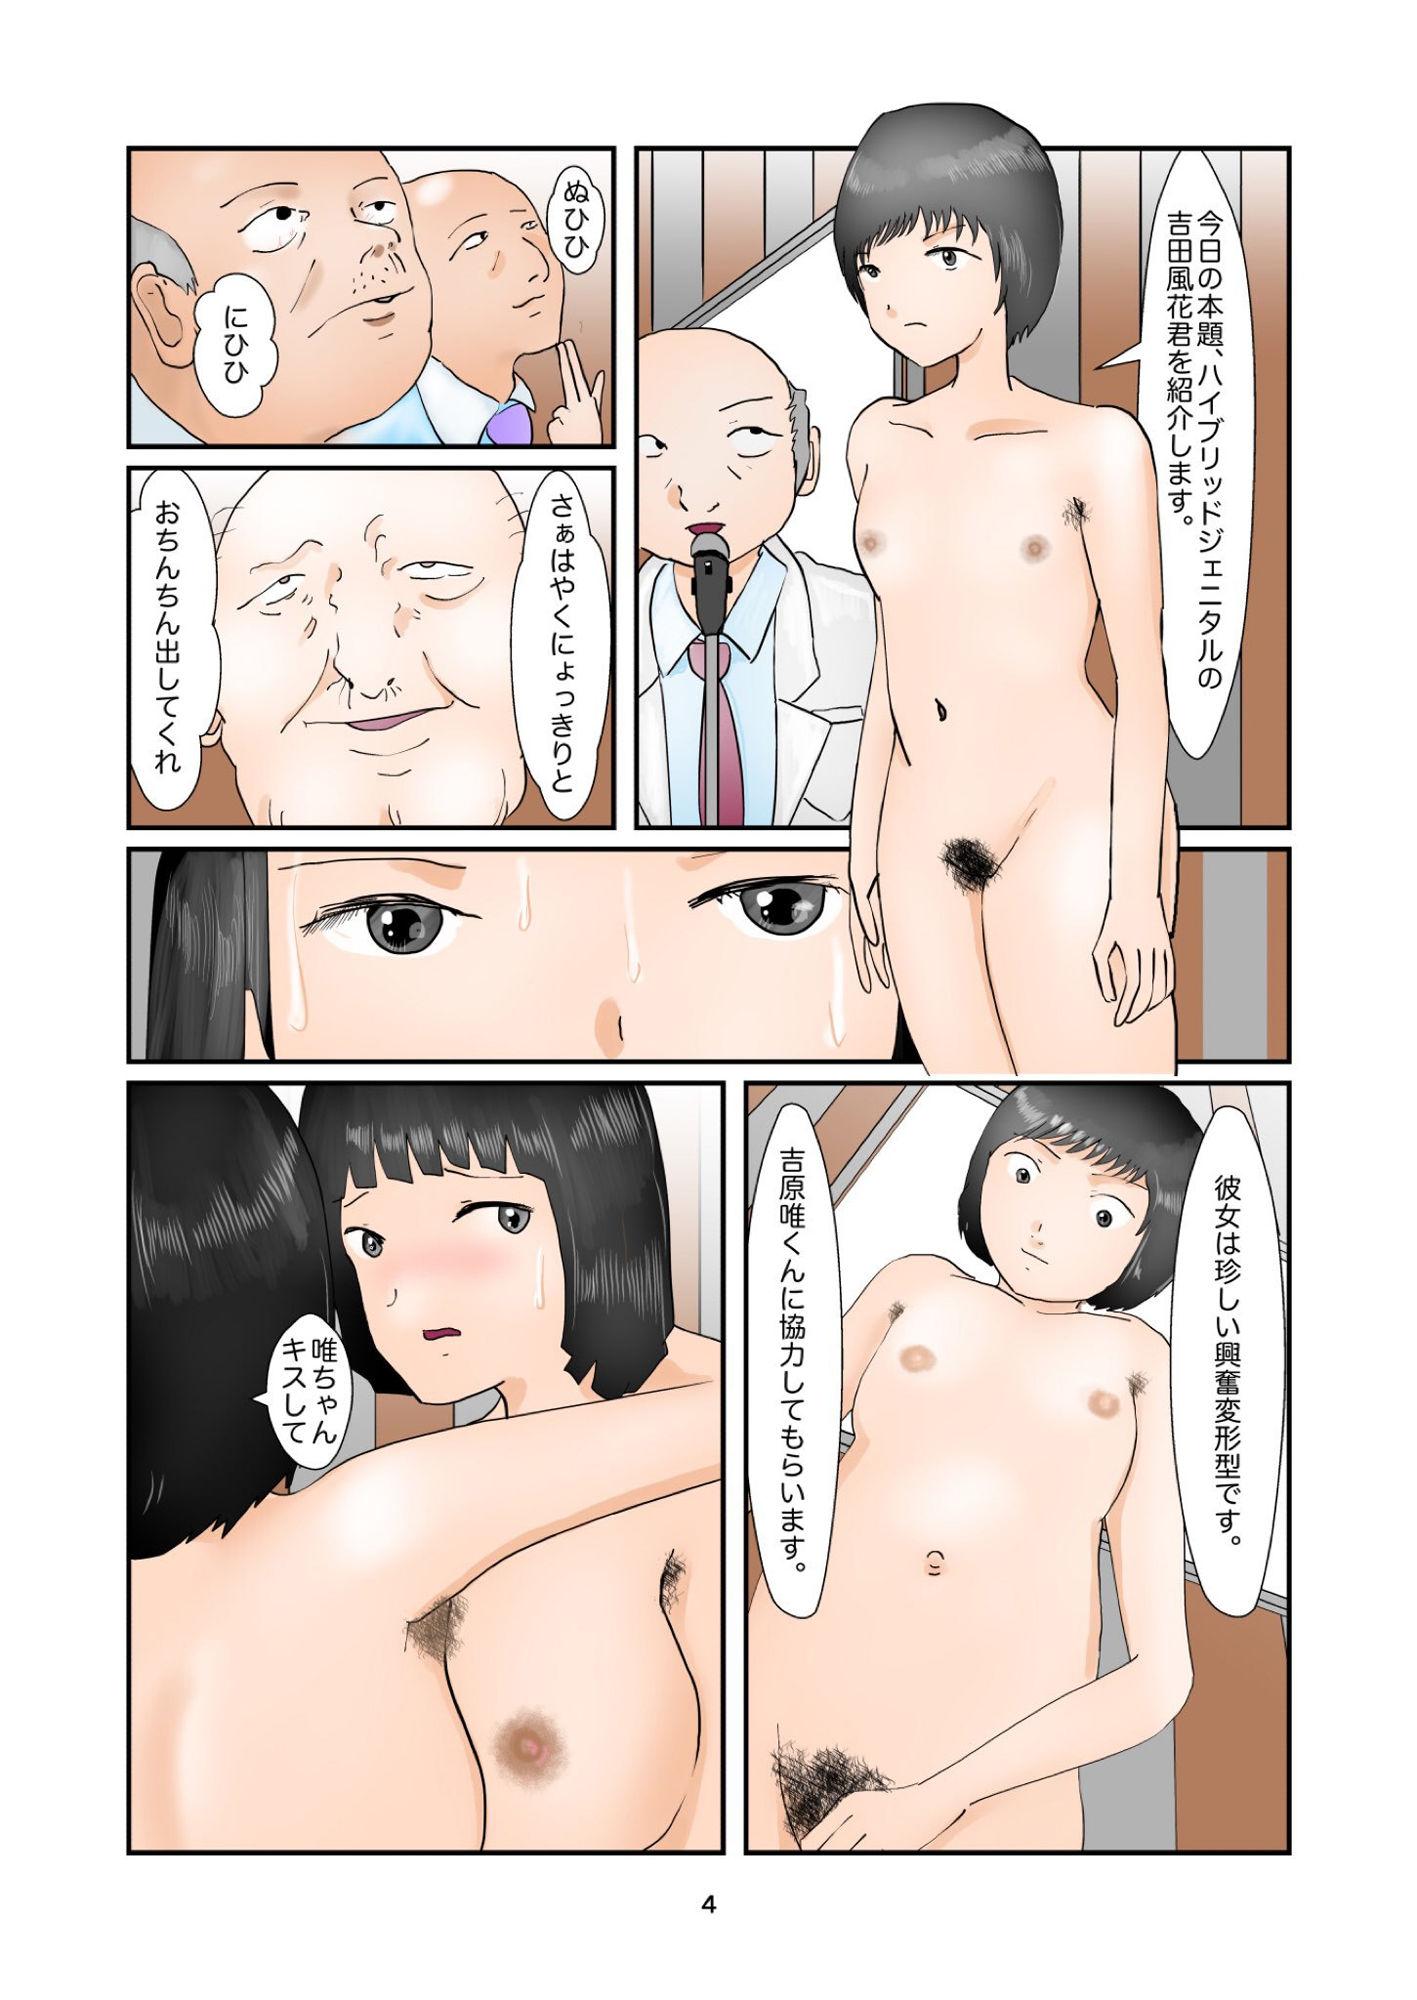 【ぼーぼーず 同人】唯ちゃん未来へタイムスリップ第2章発進編